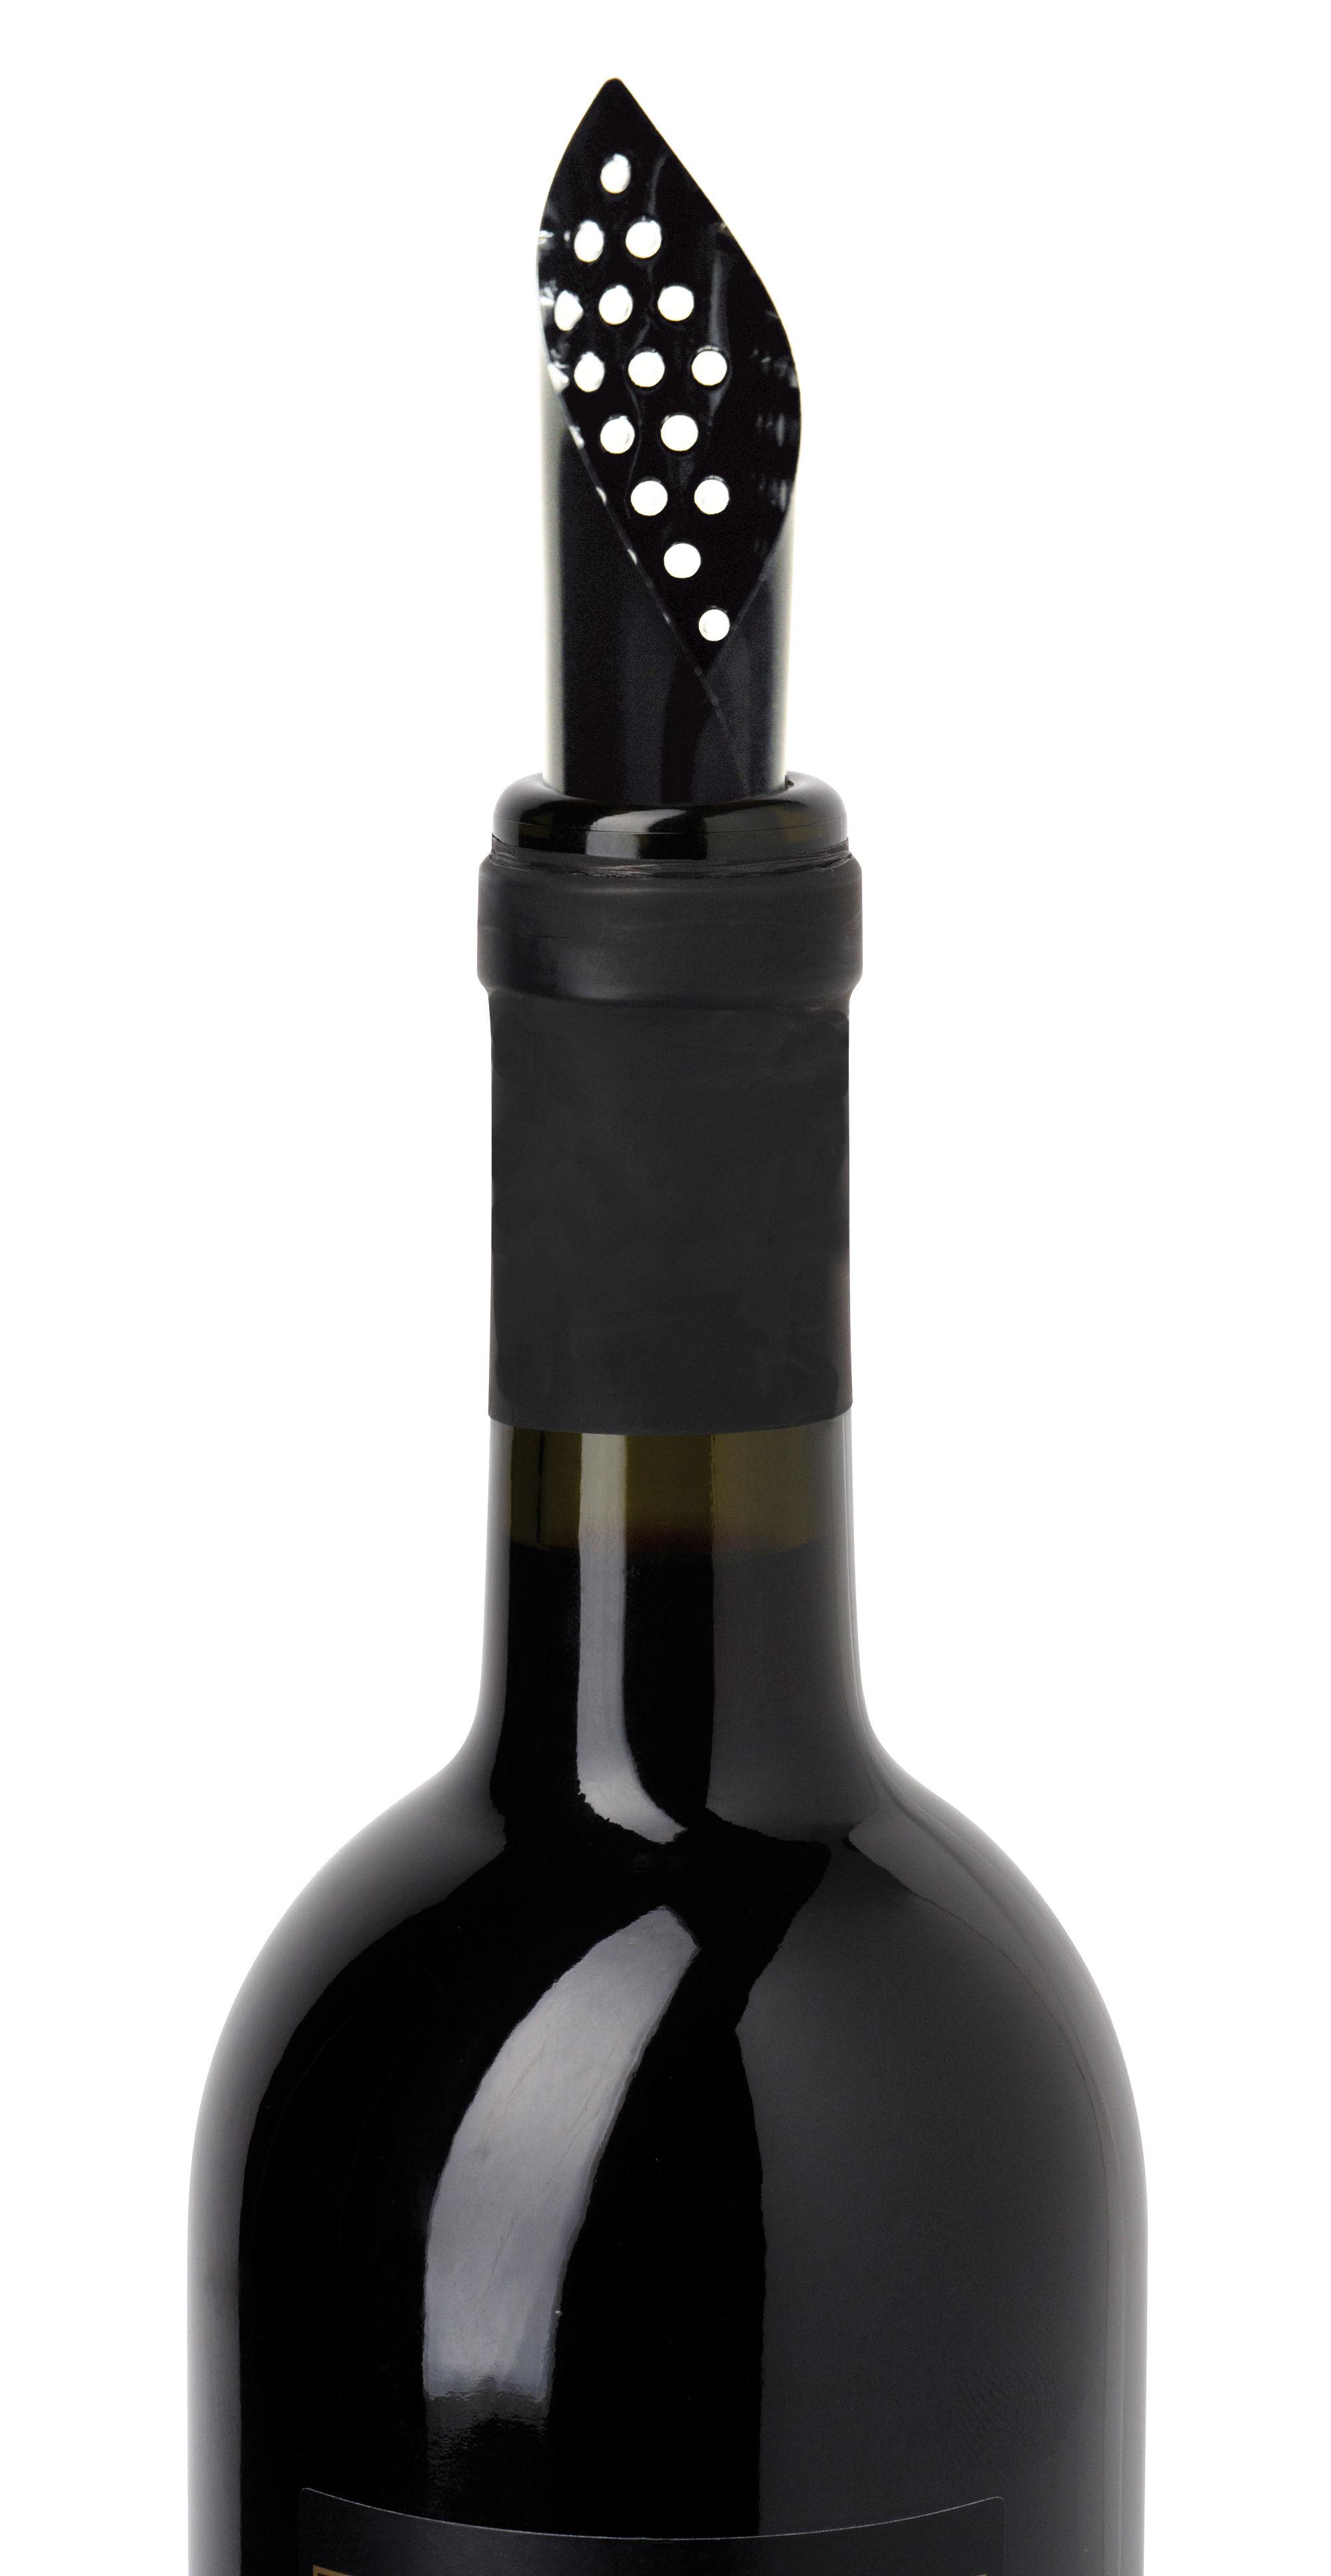 Tischkultur - Bar, Wein und Apéritif - Ausgießer / Set mit 5 Belüftern - L'Atelier du Vin - Schwarz - Plastik